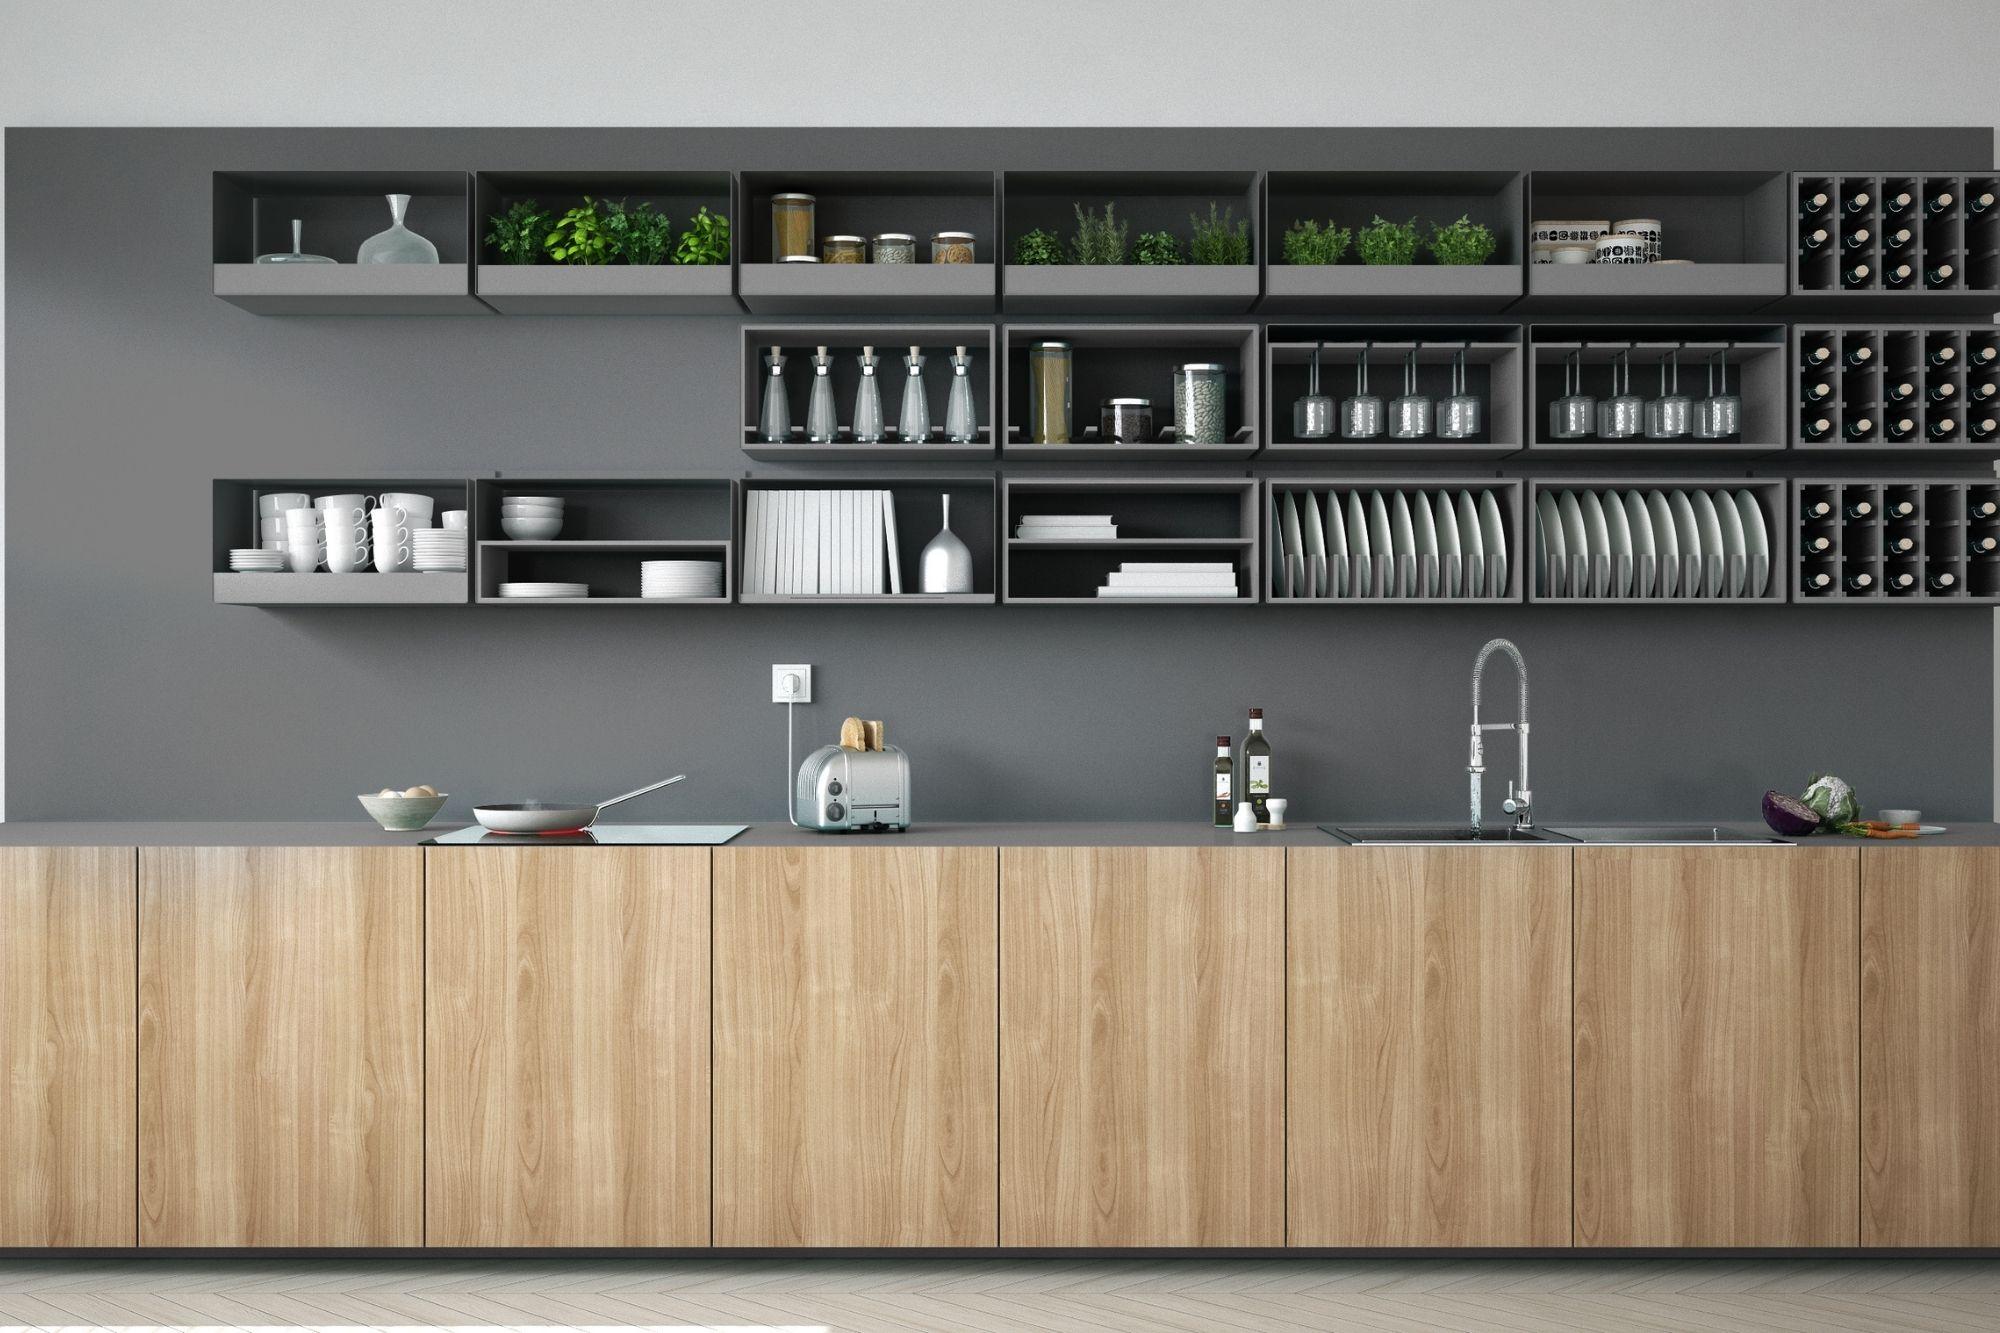 Cocina con apertura de muebles superiores